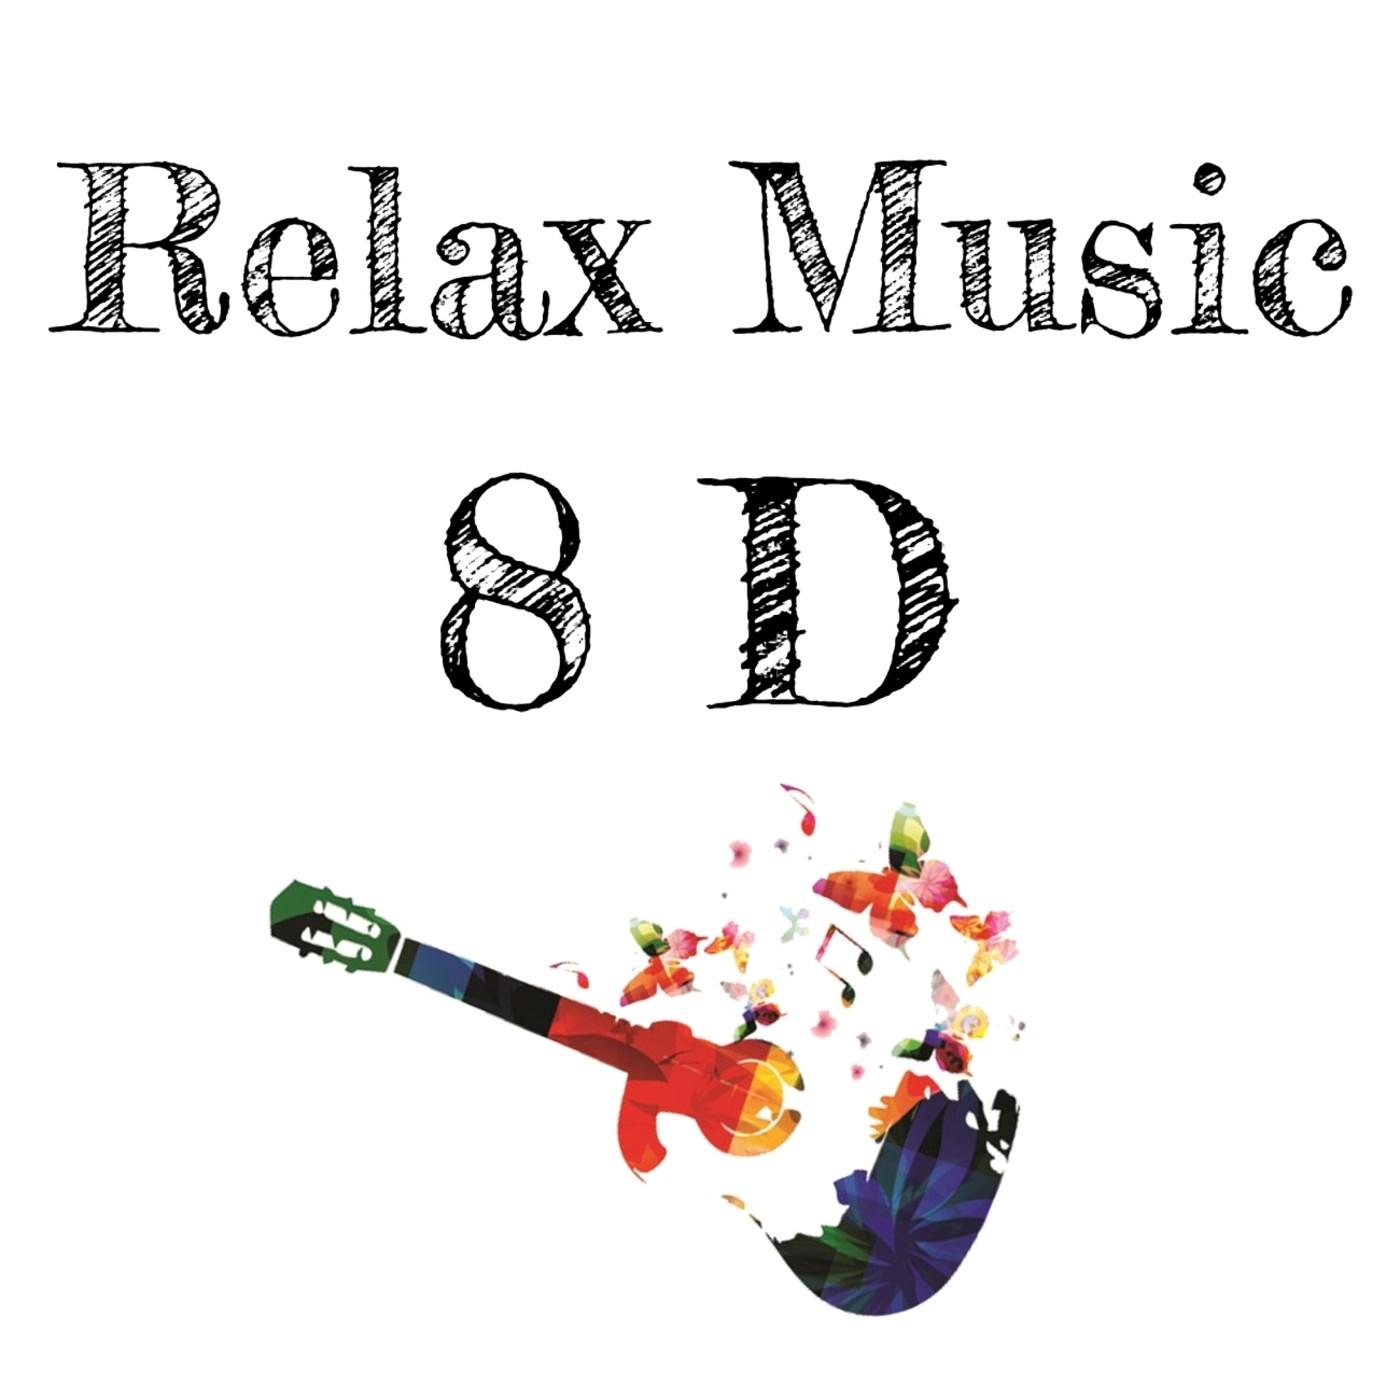 Musica 8D de foresta mística para llamar a los ángeles de la tierra y duendes milagrosos